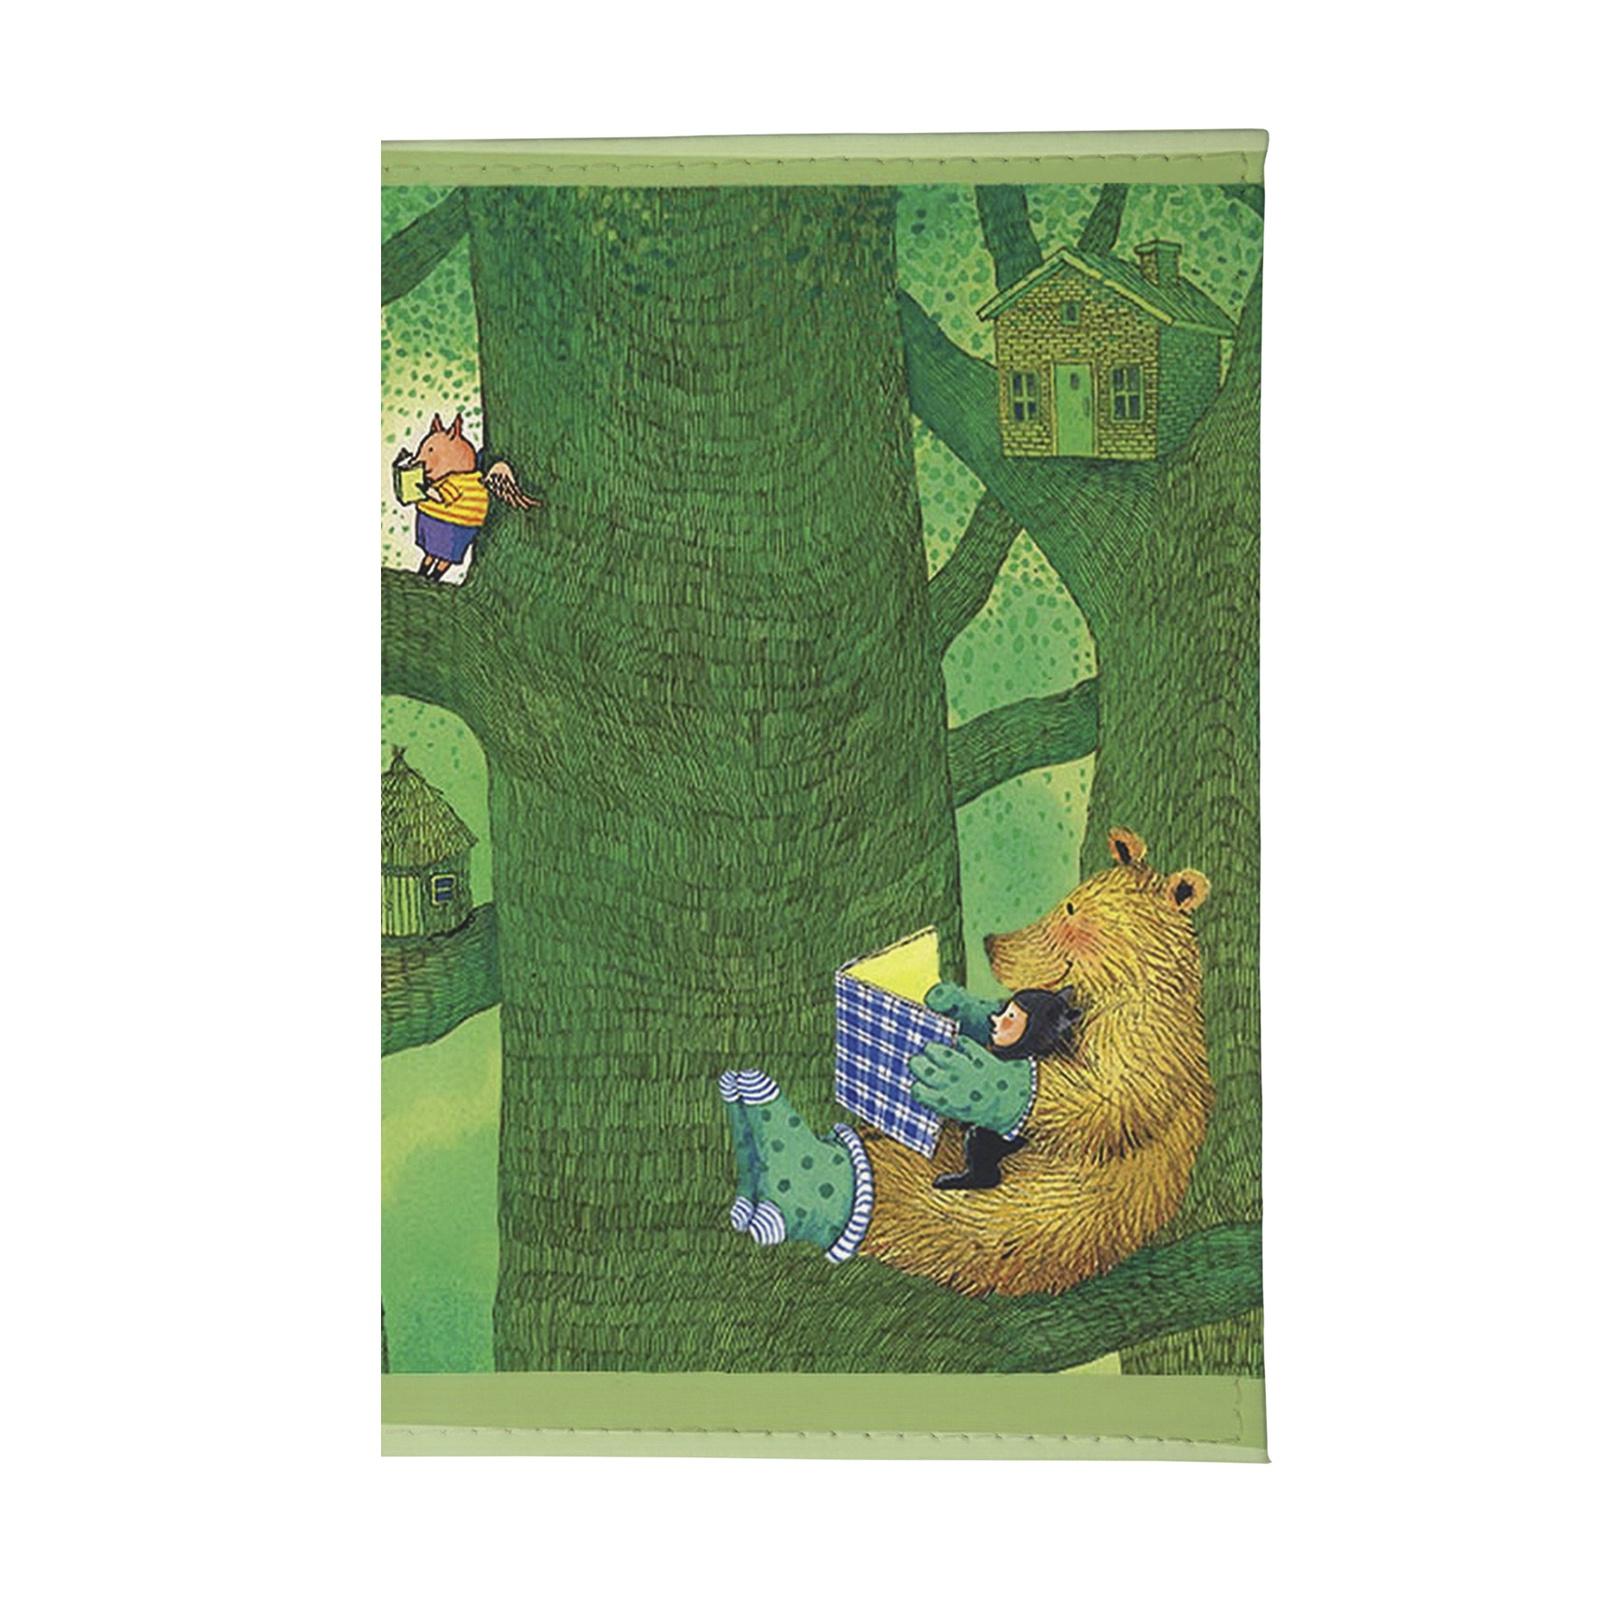 цена на Обложка для паспорта Mitya Veselkov OZAM, зеленый